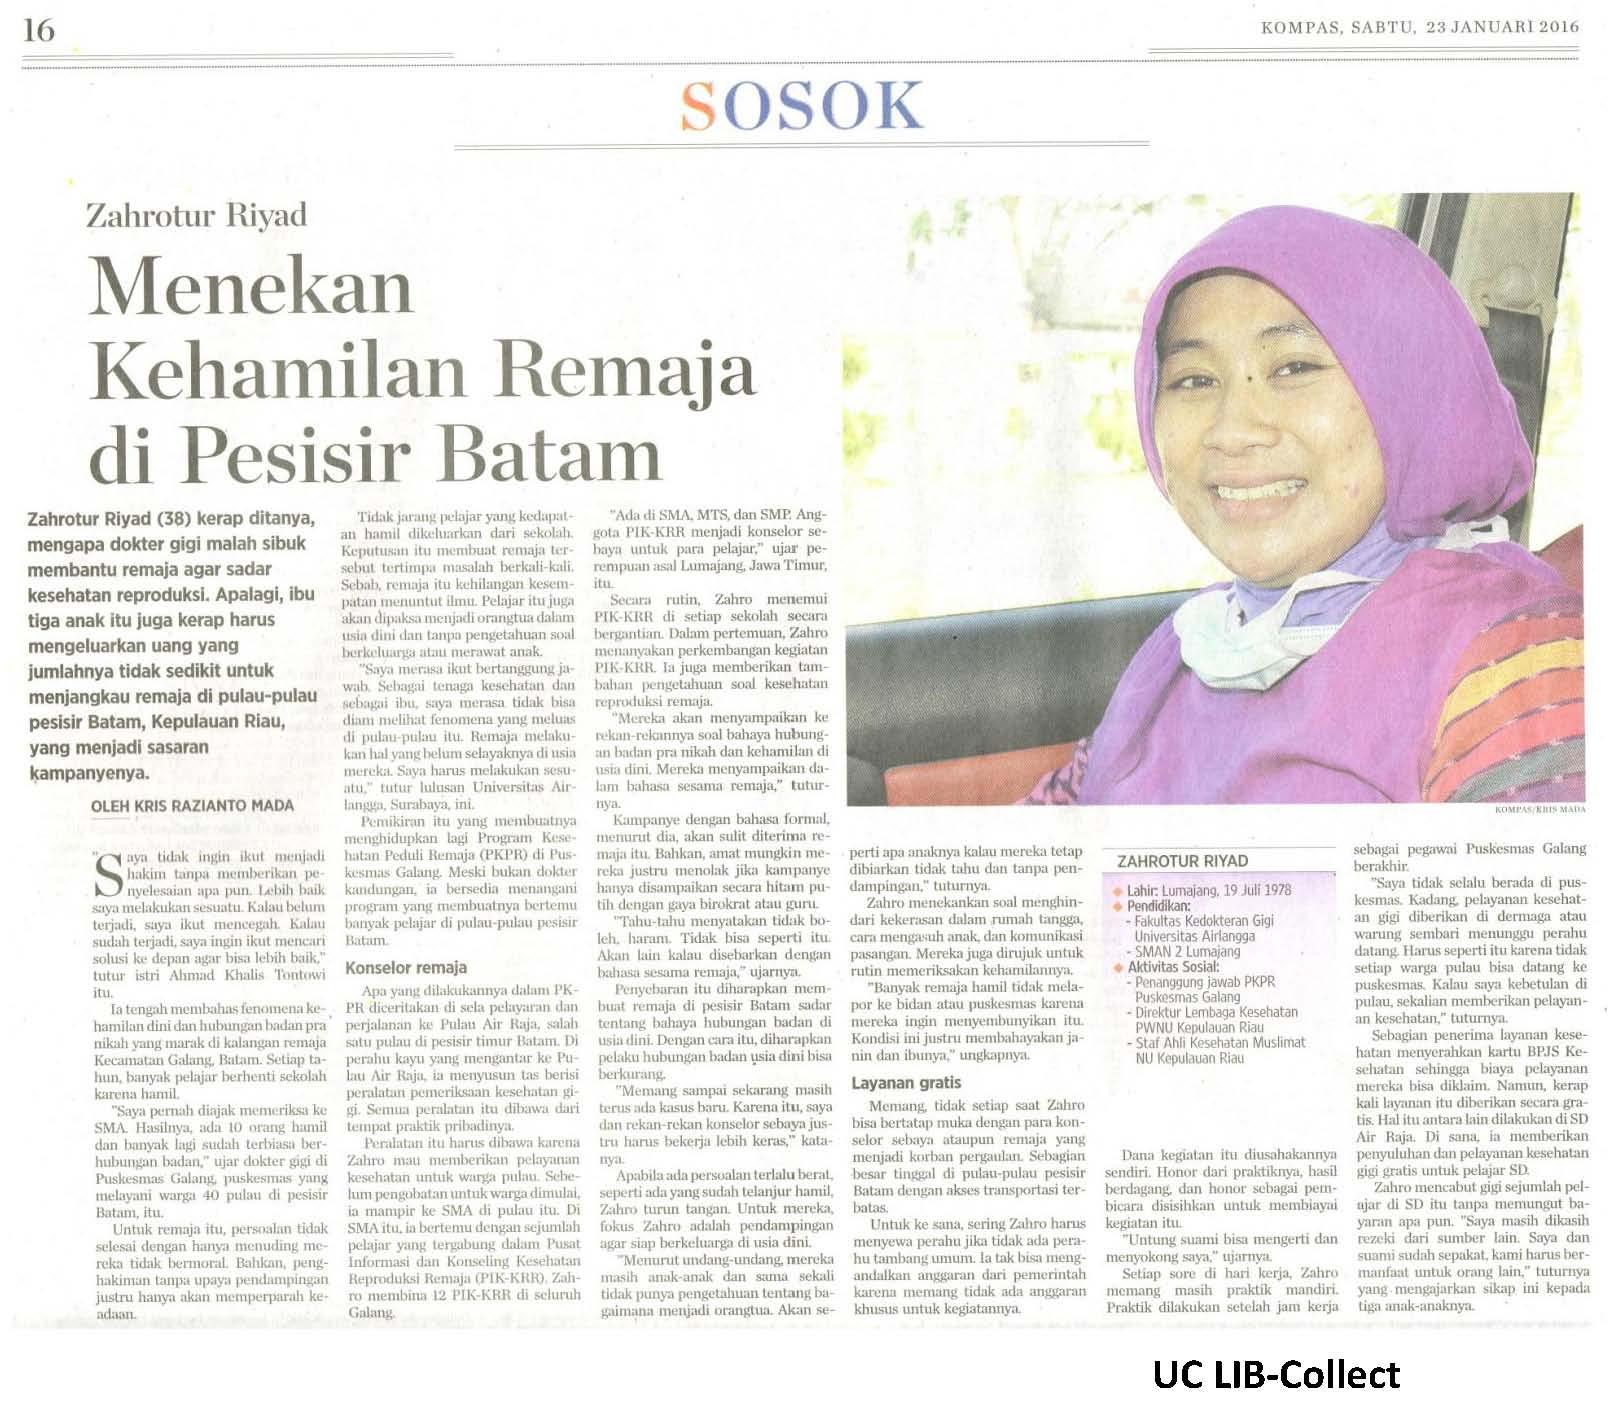 Menekan Kehamilan Remaja di Pesisir Batam.Kompas.23 Januari 2016.Hal.16